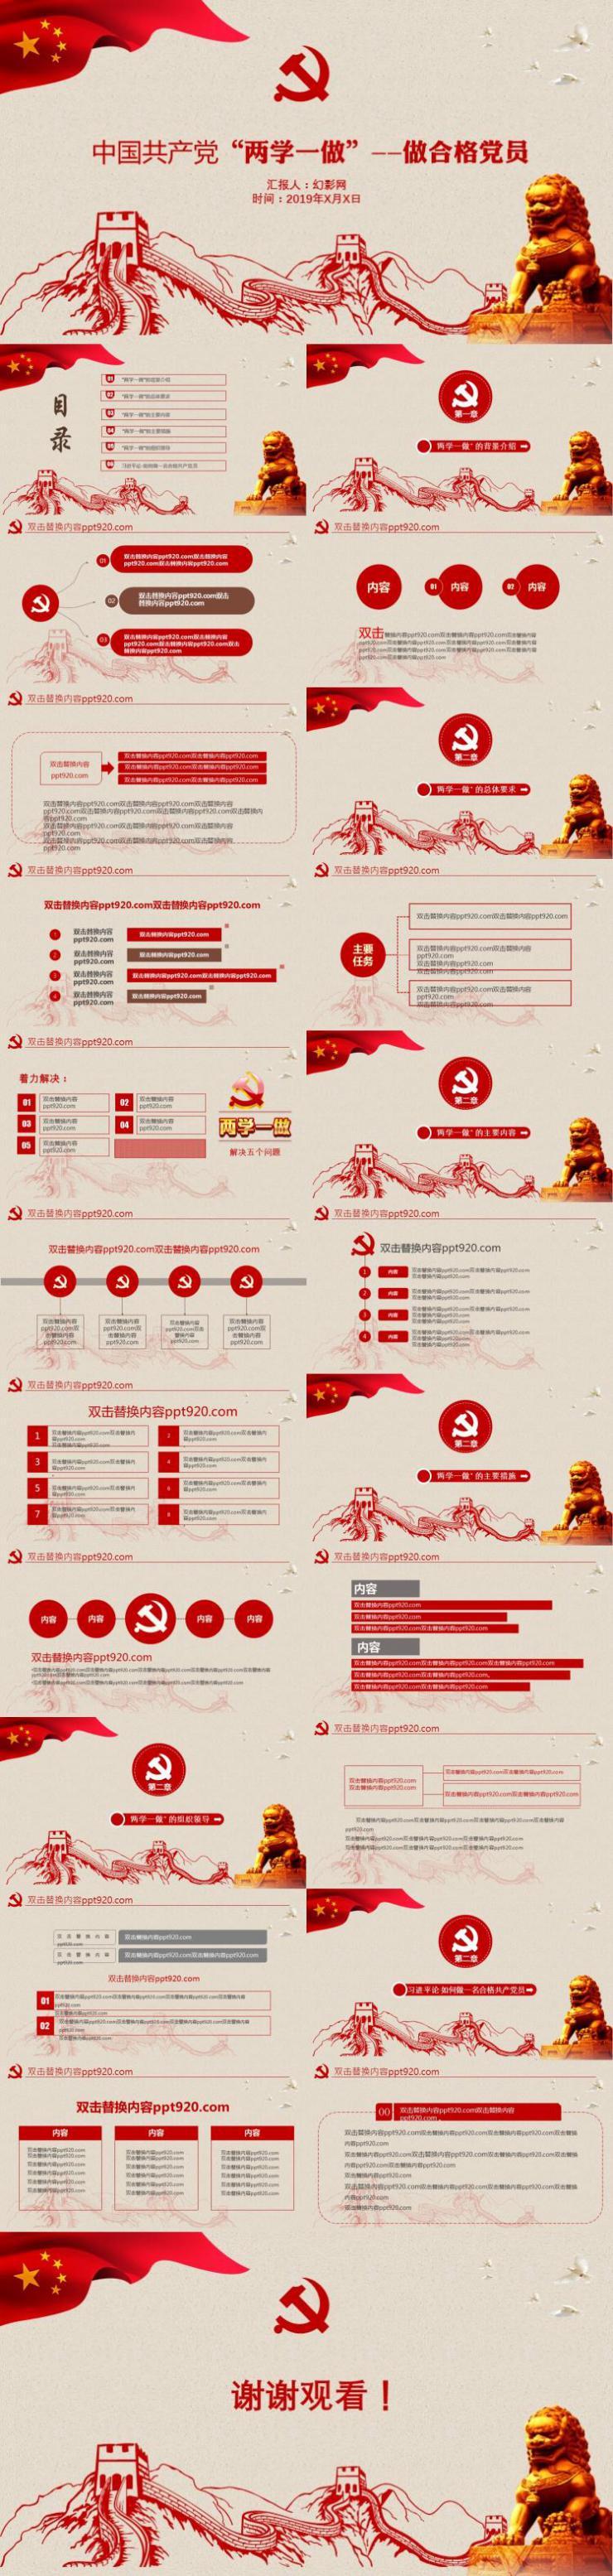 红色中国共产党两学一做PPT模板